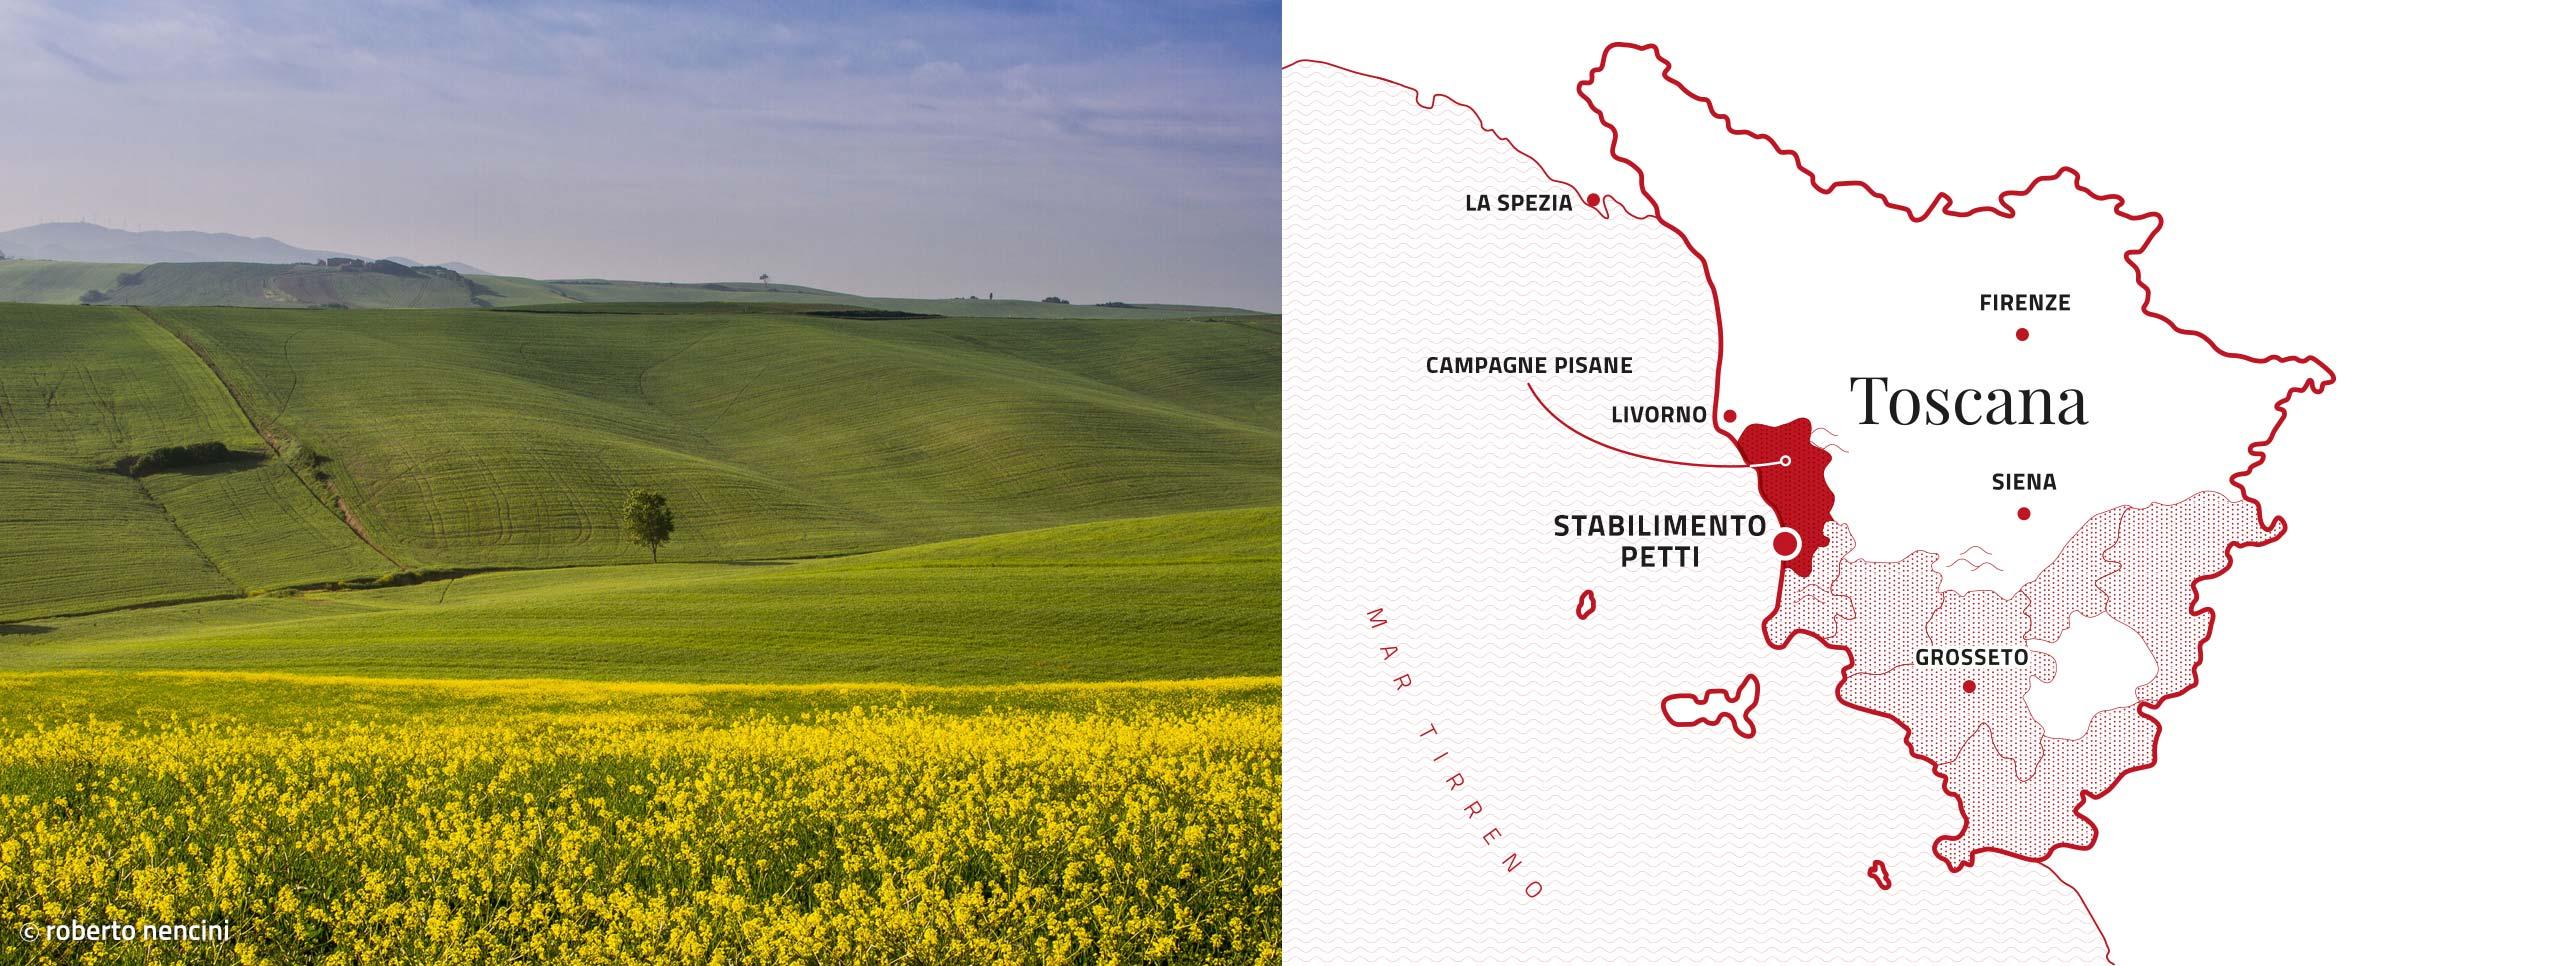 Mappa stabilimenti Petti Campagne Pisane